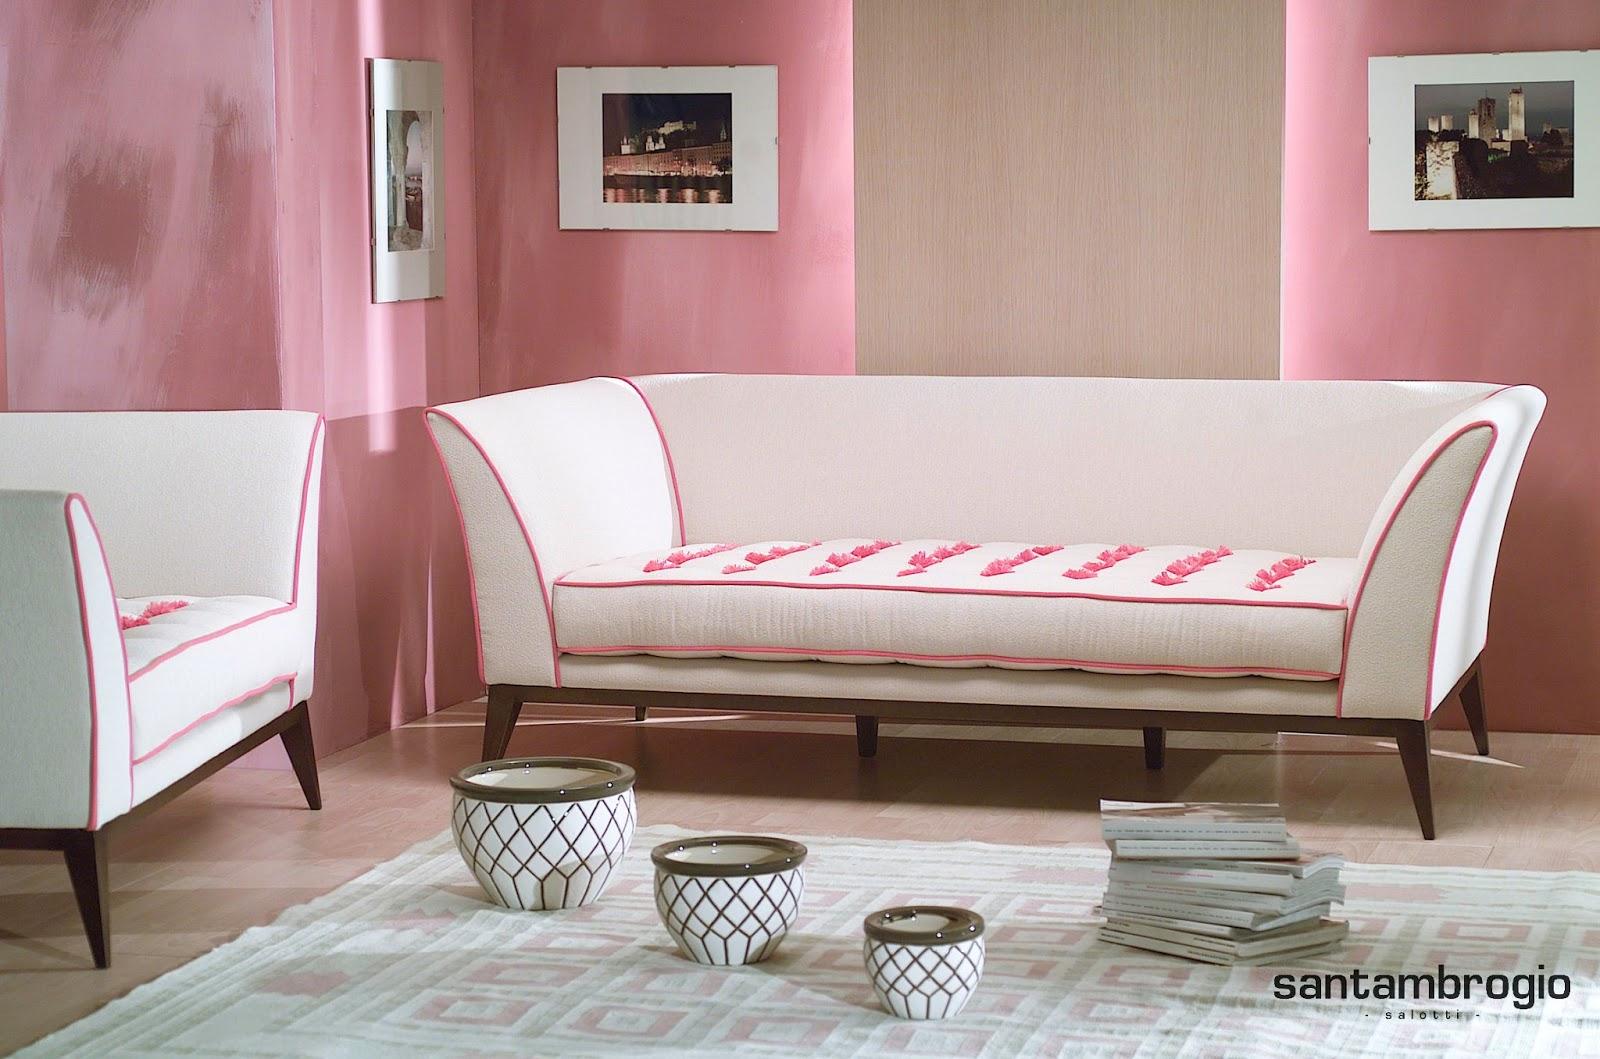 Salotti Piccoli Classici : Santambrogio salotti produzione e vendita di divani e letti